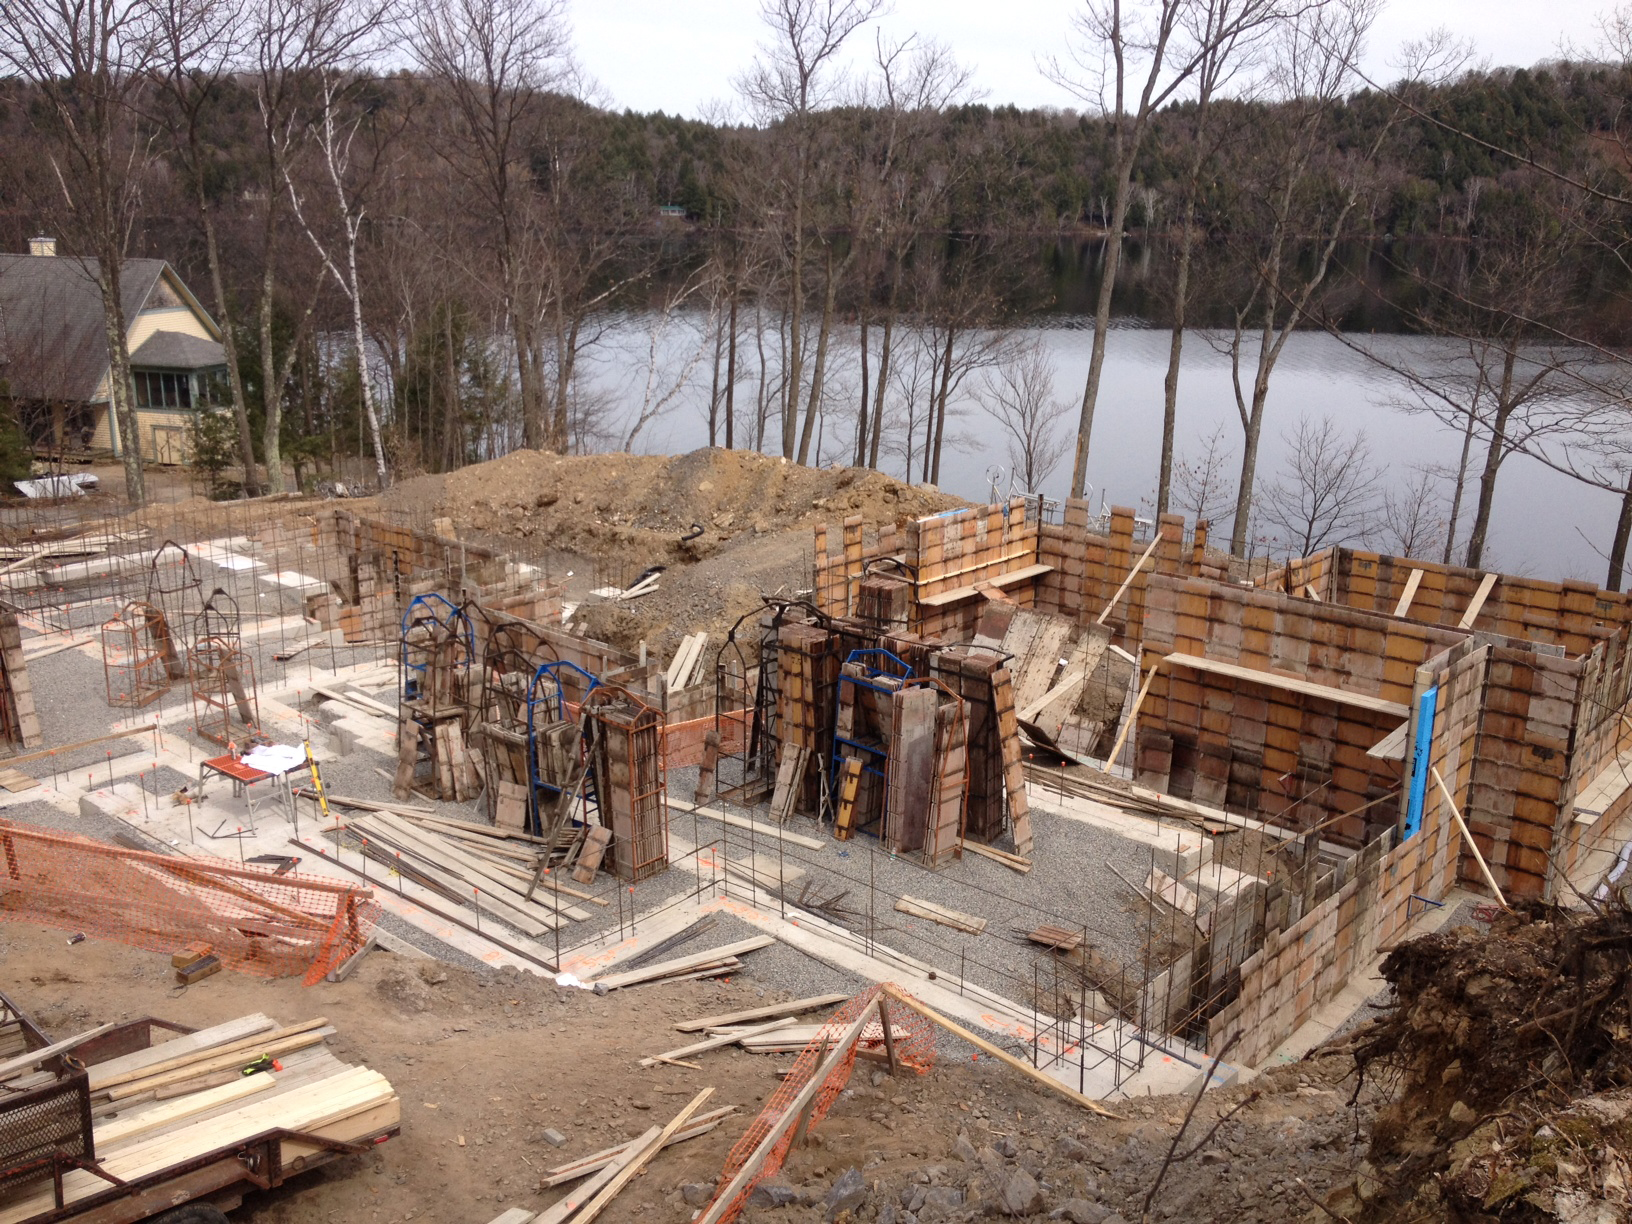 Construire Pres D Un Ruisseau construction d'un chalet : quoi savoir à l'étape 1 du projet